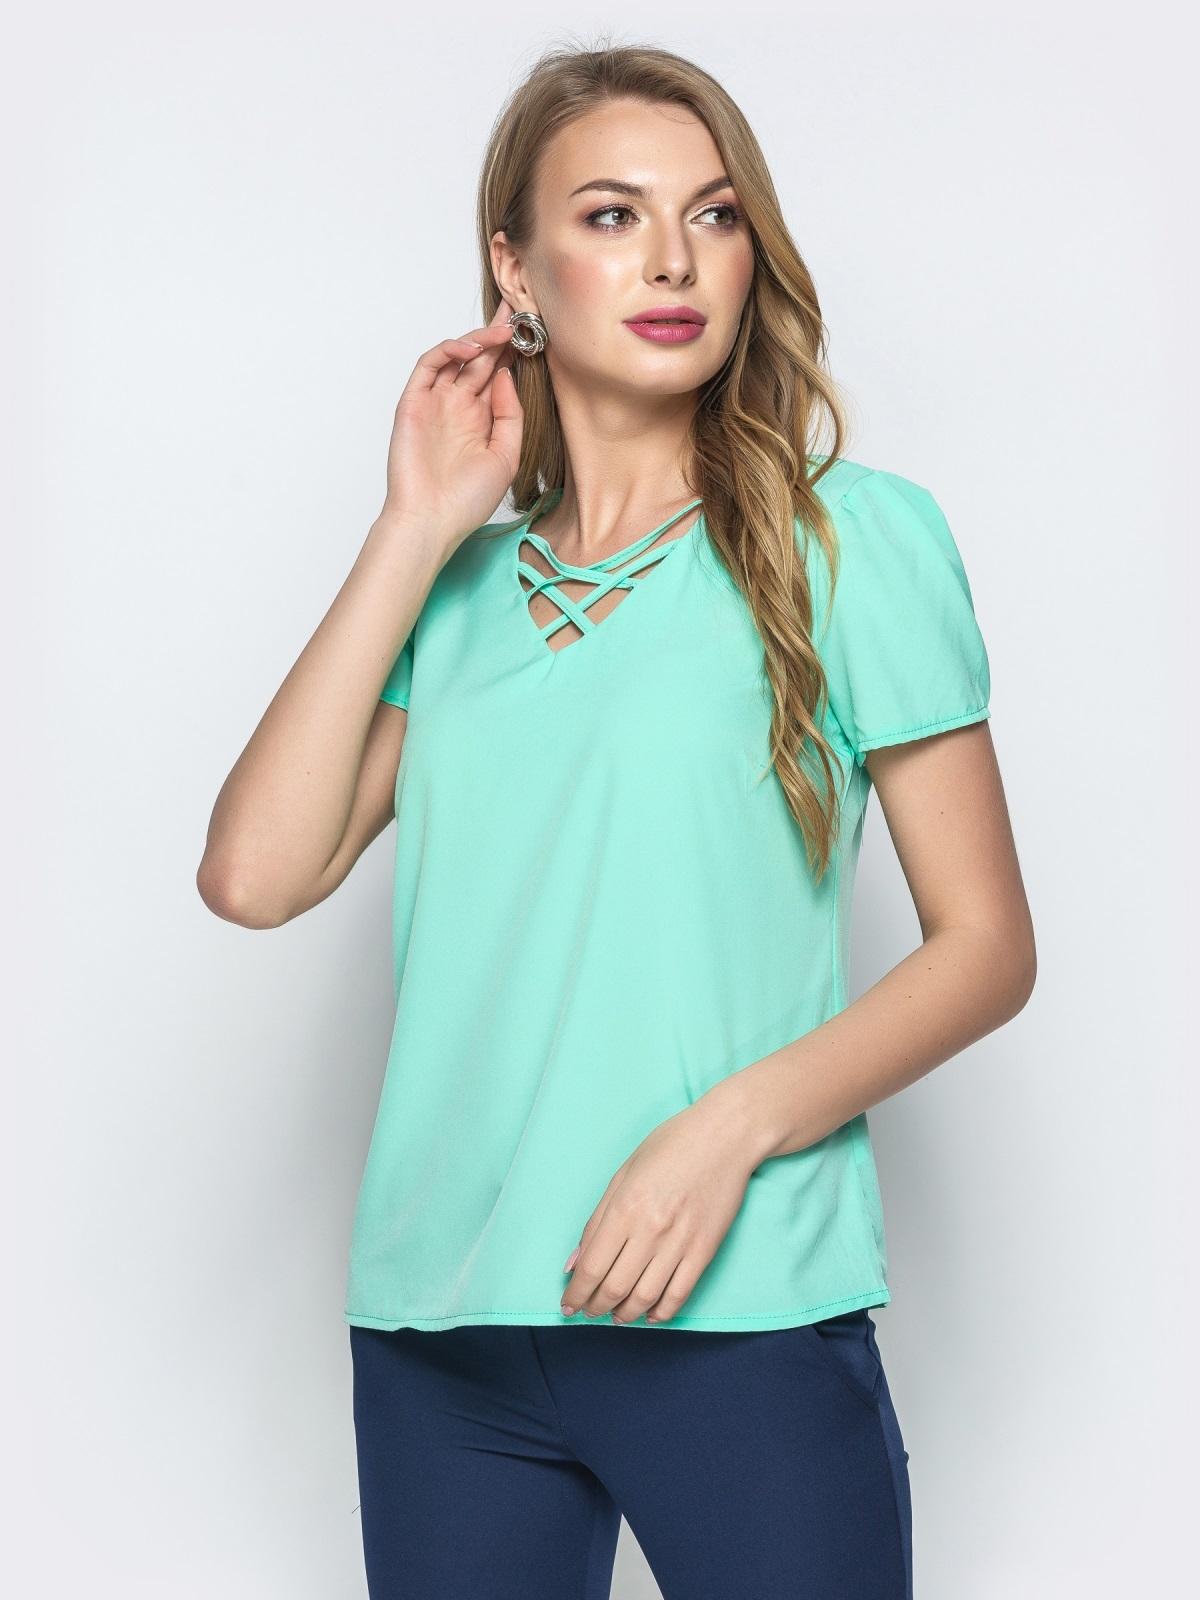 Монохромная блузка с плетением по горловине мятная - 21560, фото 1 – интернет-магазин Dressa